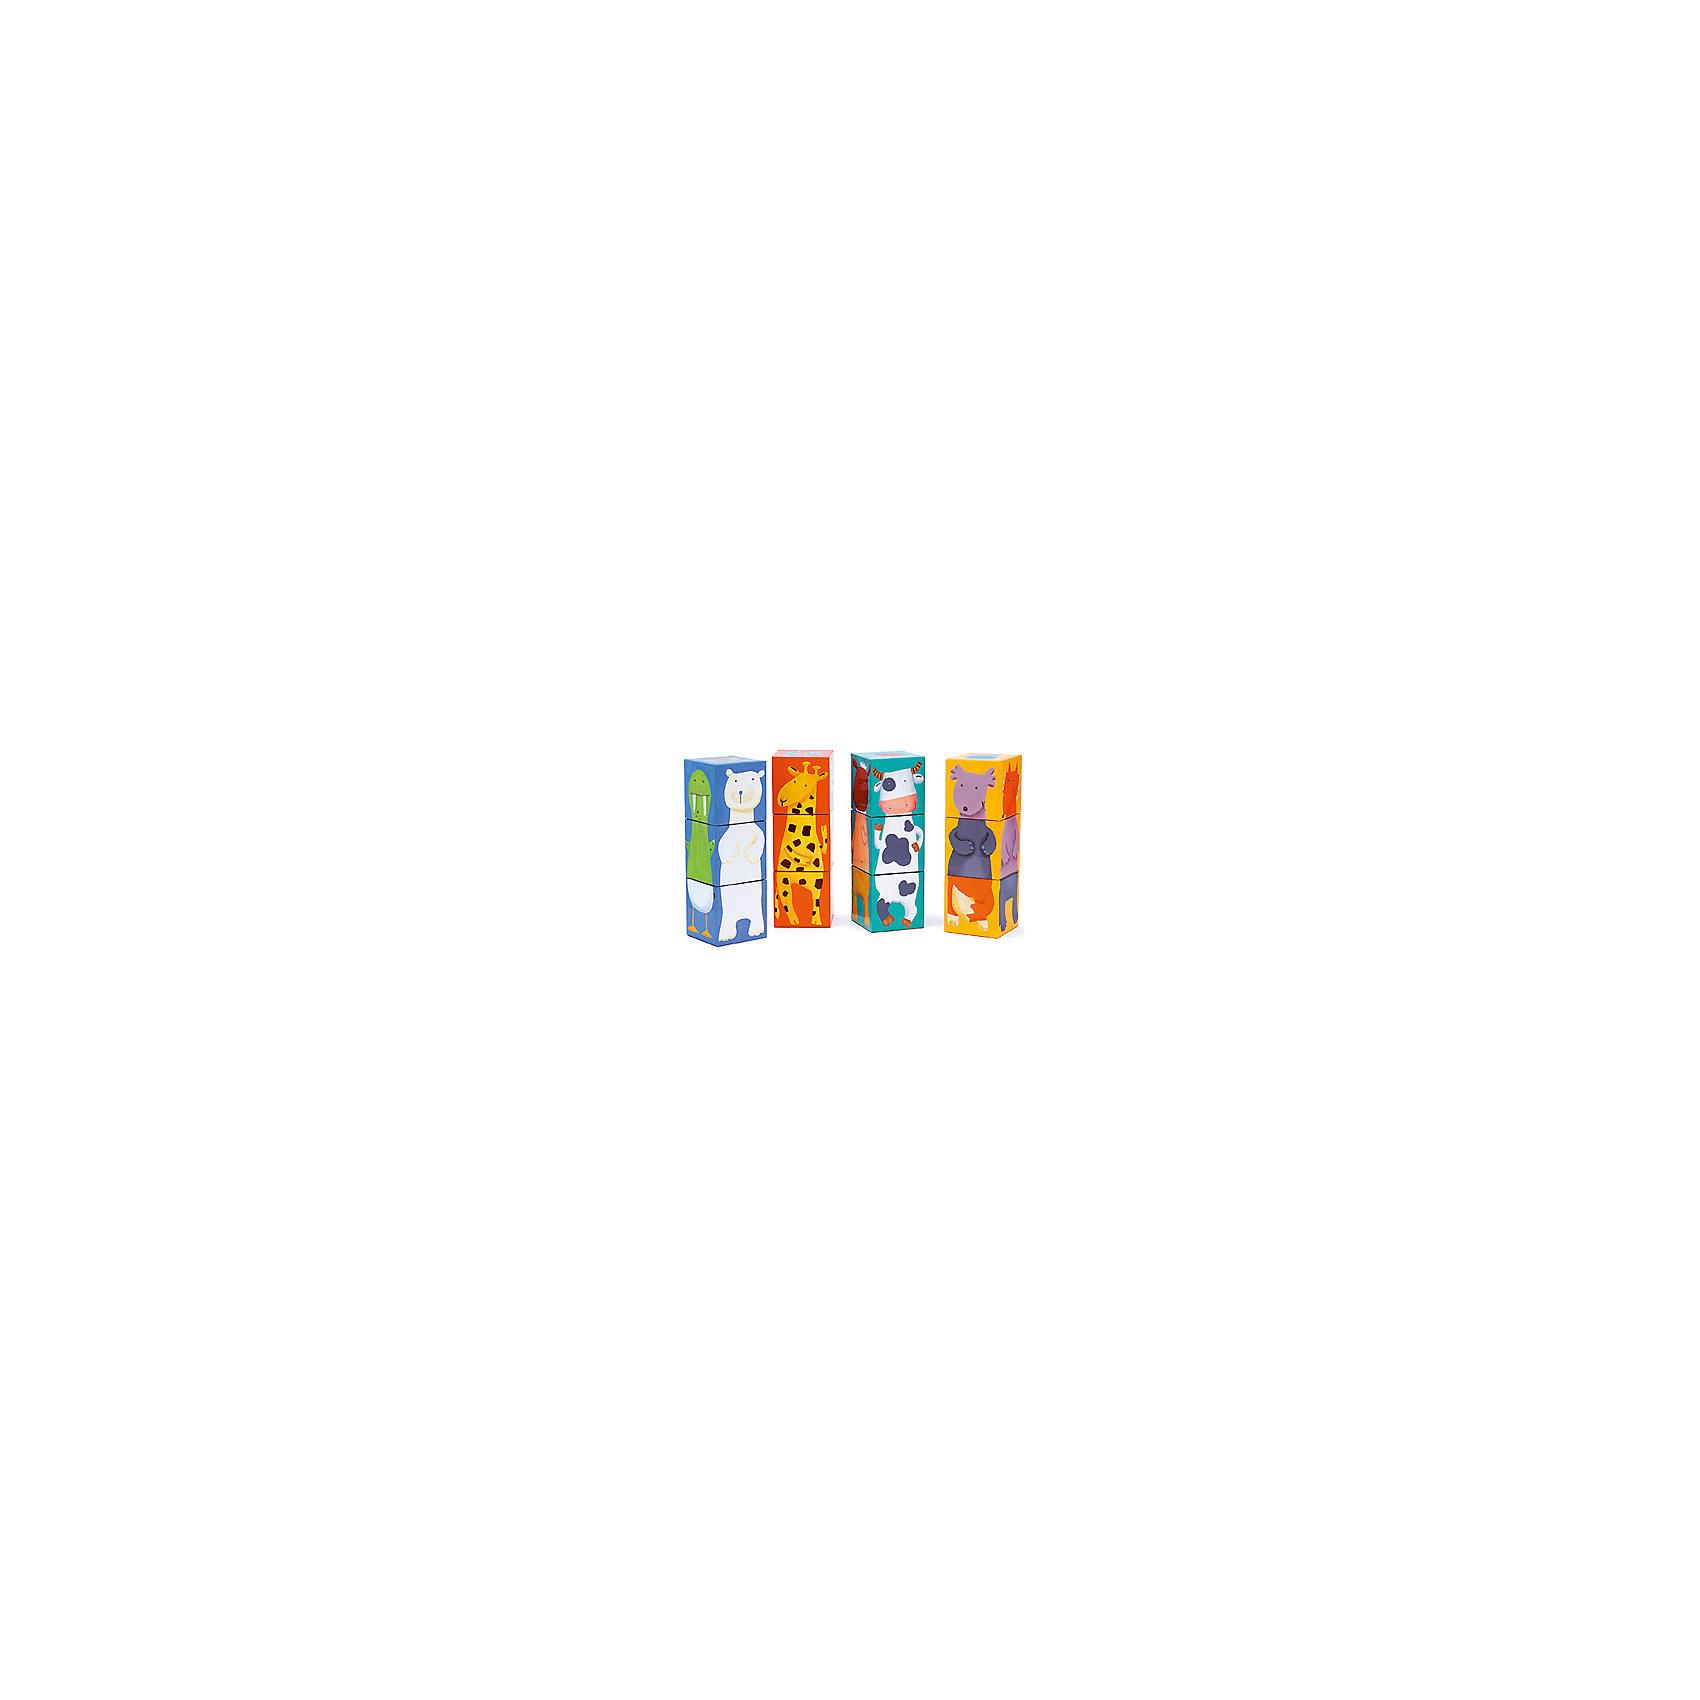 Кубики Животные, 12 шт., DJECOКубики<br>Кубики Животные, Djeco (Джеко) - классическая, любимая малышами игра, выполненная  в ярком красочном дизайне. В комплекте 12 кубиков, из которых можно собрать четыре башенки-картинки с изображениями симпатичных зверюшек на каждой стороне. Играя с кубиками Djeco (Джеко) малыш изучает цвета и формы, знакомится с разными видами животных и расширяет свой кругозор. Все кубики изготовлены из плотного качественного картона с использованием безопасных красок. Набор развивает логическое мышление, воображение и сообразительность, тренирует мелкую моторику рук.<br><br>Дополнительная информация:<br><br>- В комплекте: 12 кубиков.<br>- Материал: плотный картон. <br>- Высота одной собранной башенки: 18 см.<br>- Размер упаковки: 24,5 x 18,5 x 6,5 см.<br>- Вес: 0,4 кг.<br><br>Кубики Животные, Djeco (Джеко), можно купить в нашем интернет-магазине.<br><br>Ширина мм: 250<br>Глубина мм: 280<br>Высота мм: 10<br>Вес г: 400<br>Возраст от месяцев: 36<br>Возраст до месяцев: 72<br>Пол: Унисекс<br>Возраст: Детский<br>SKU: 4215042